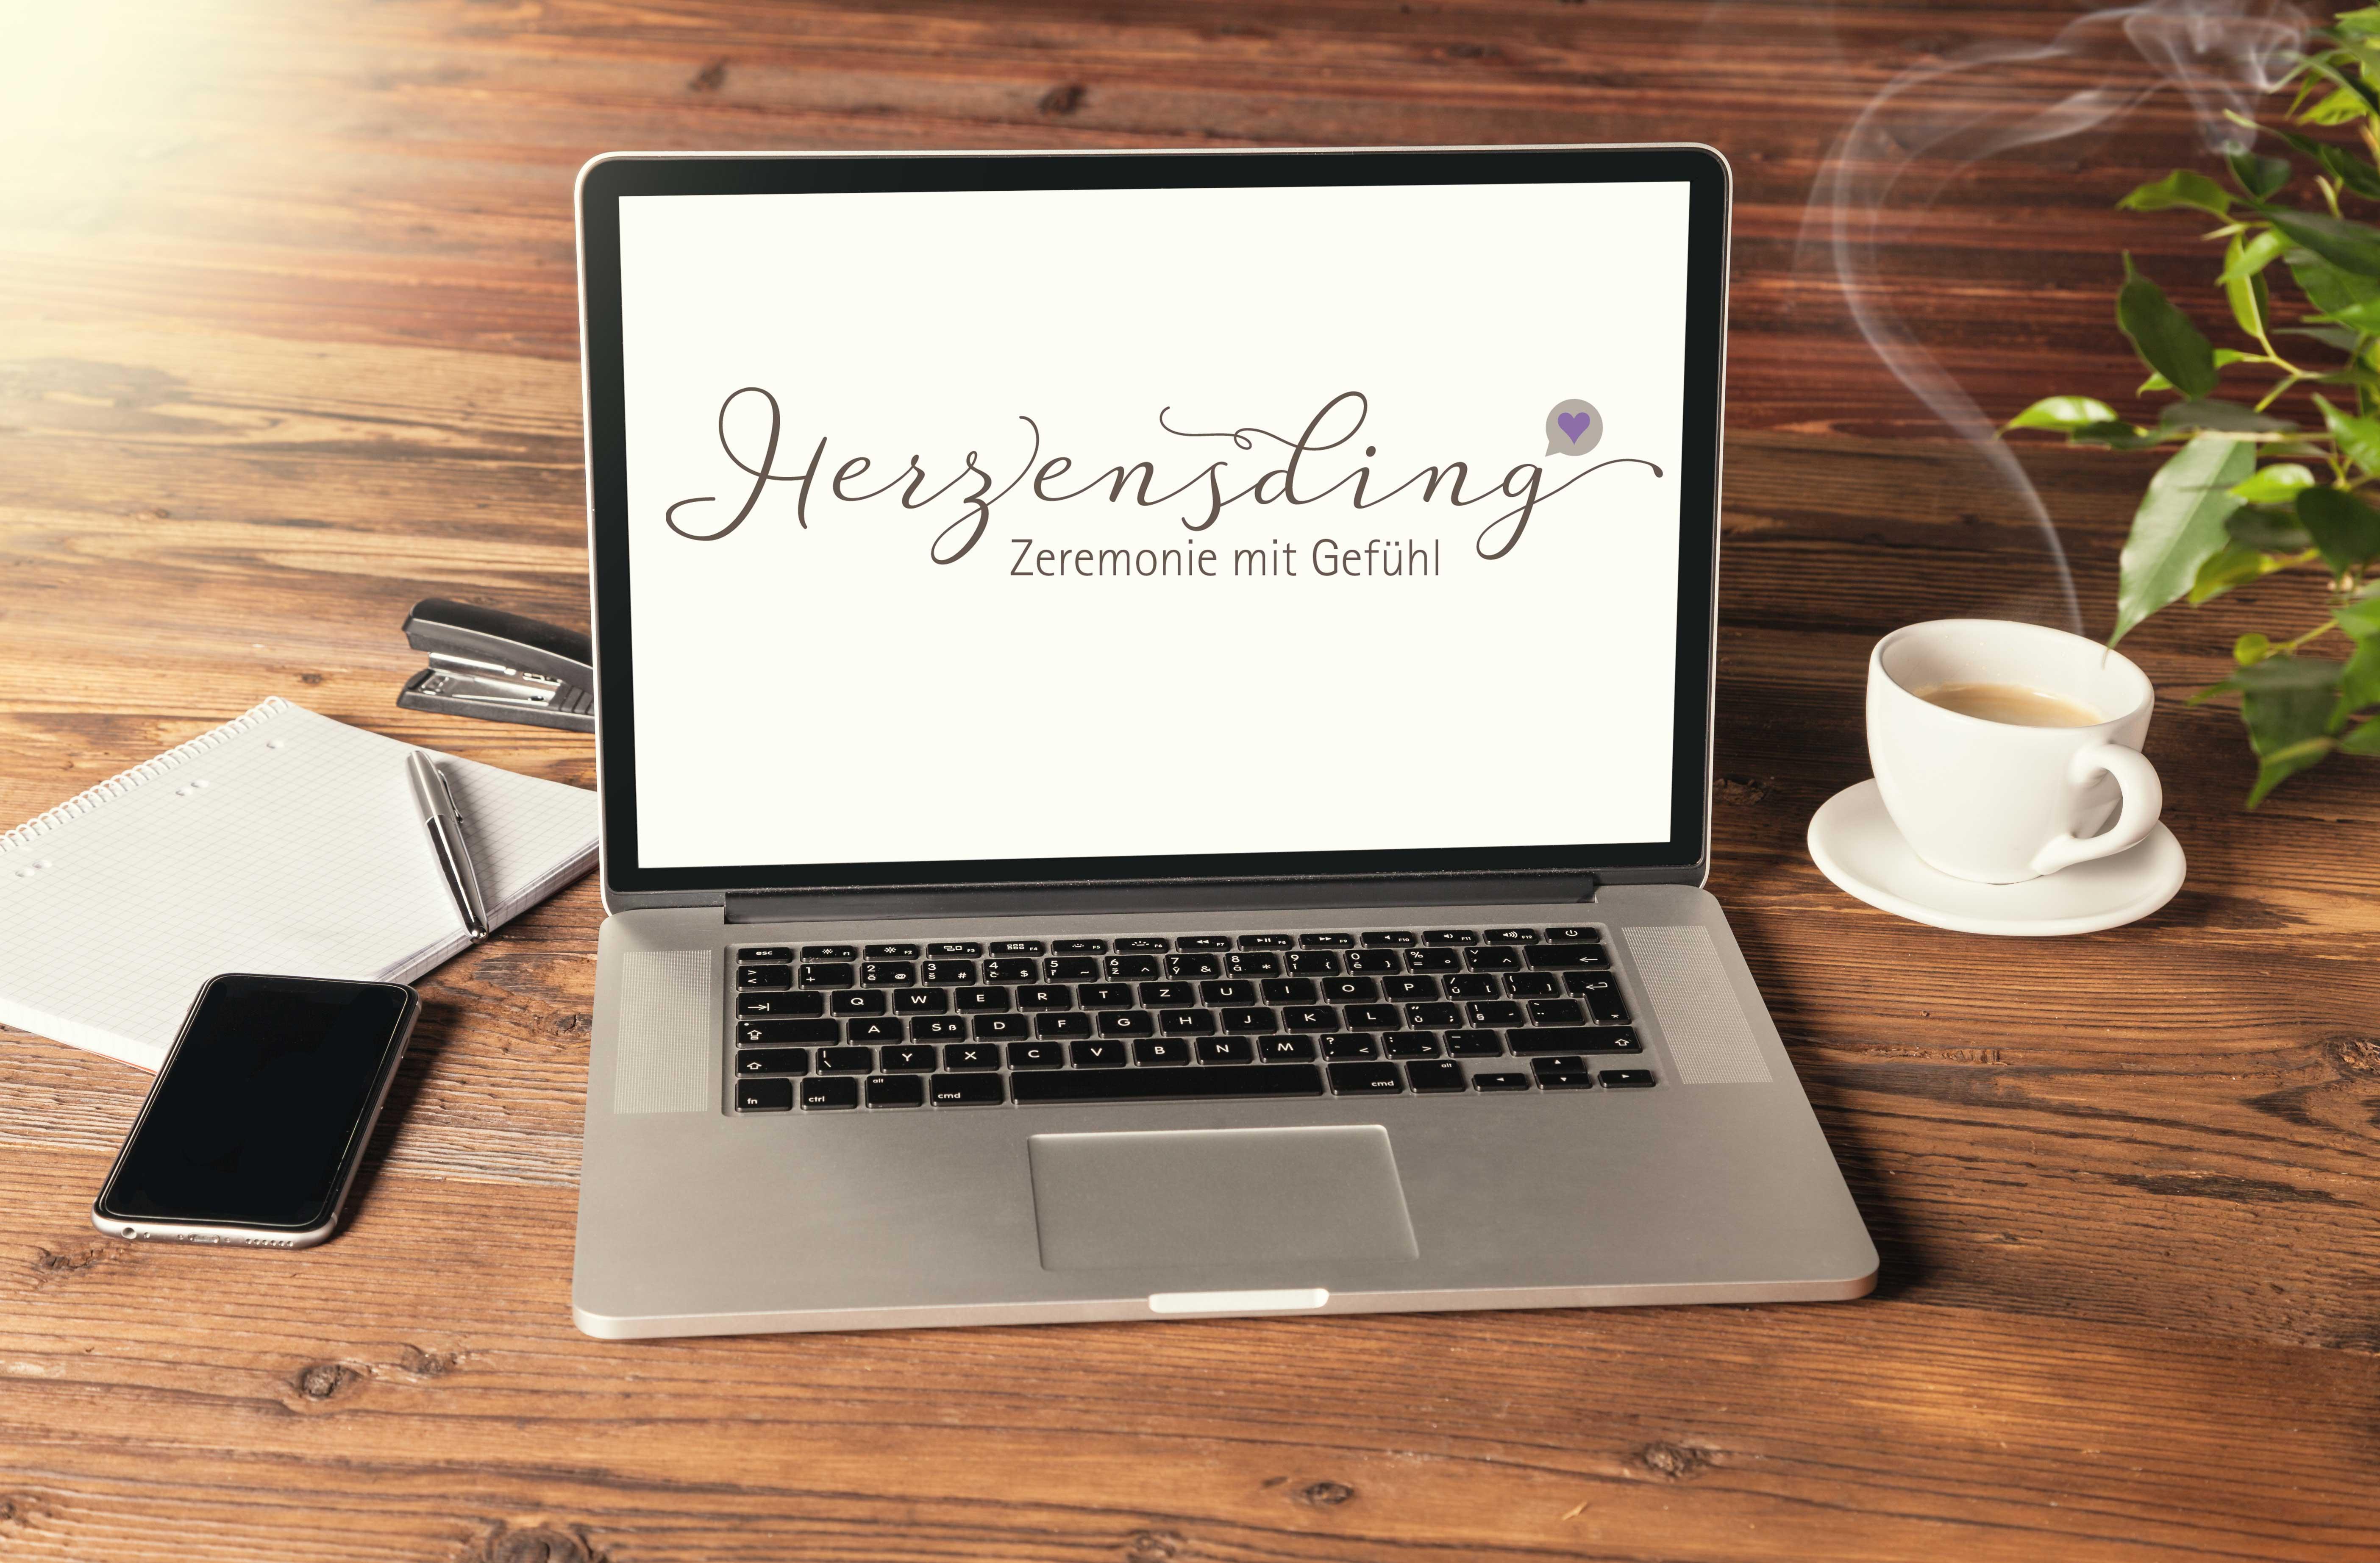 Logo Herzensding